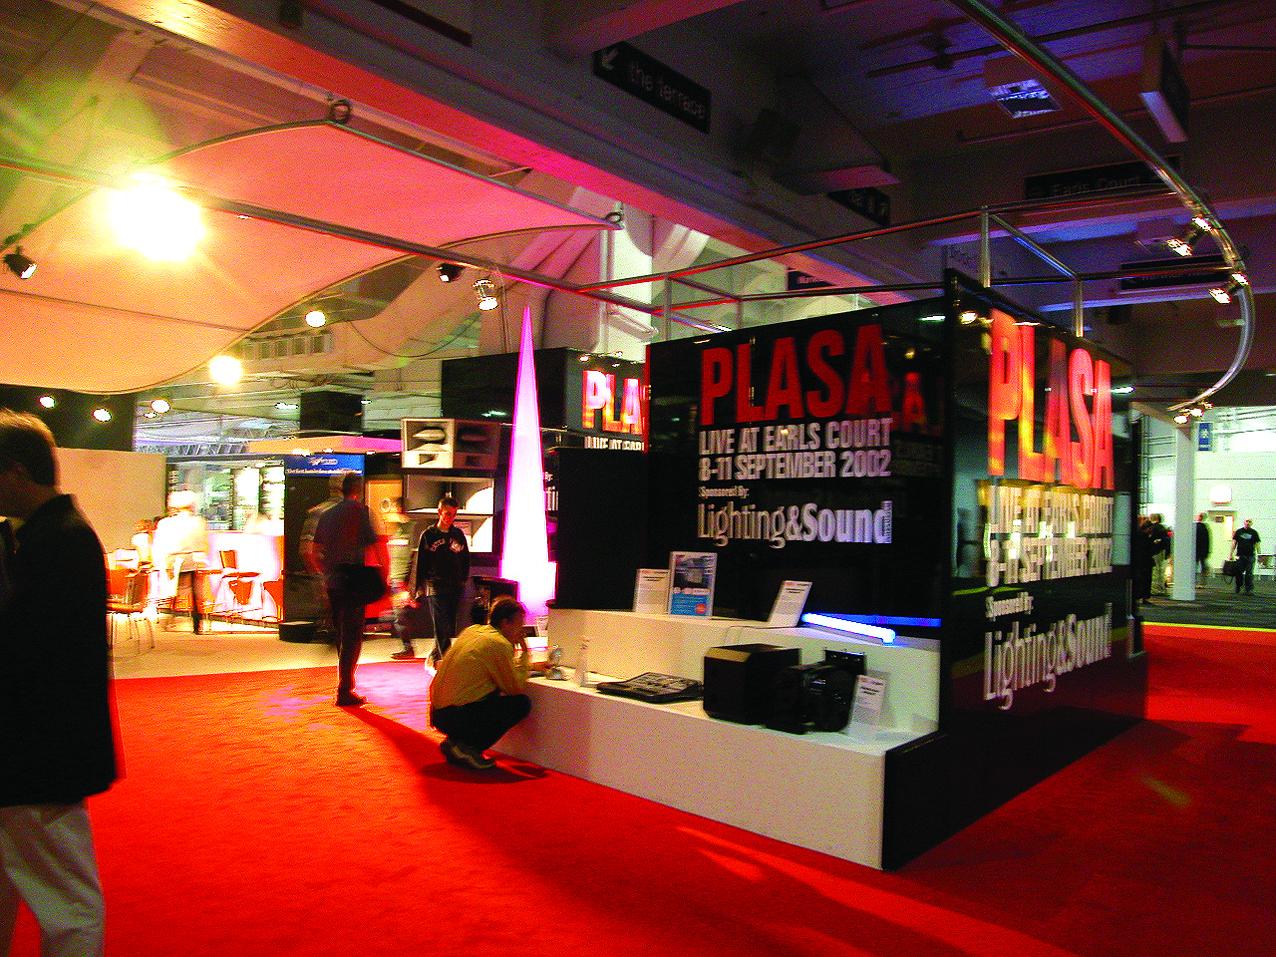 13.PLASA2002アワードの展示エリア